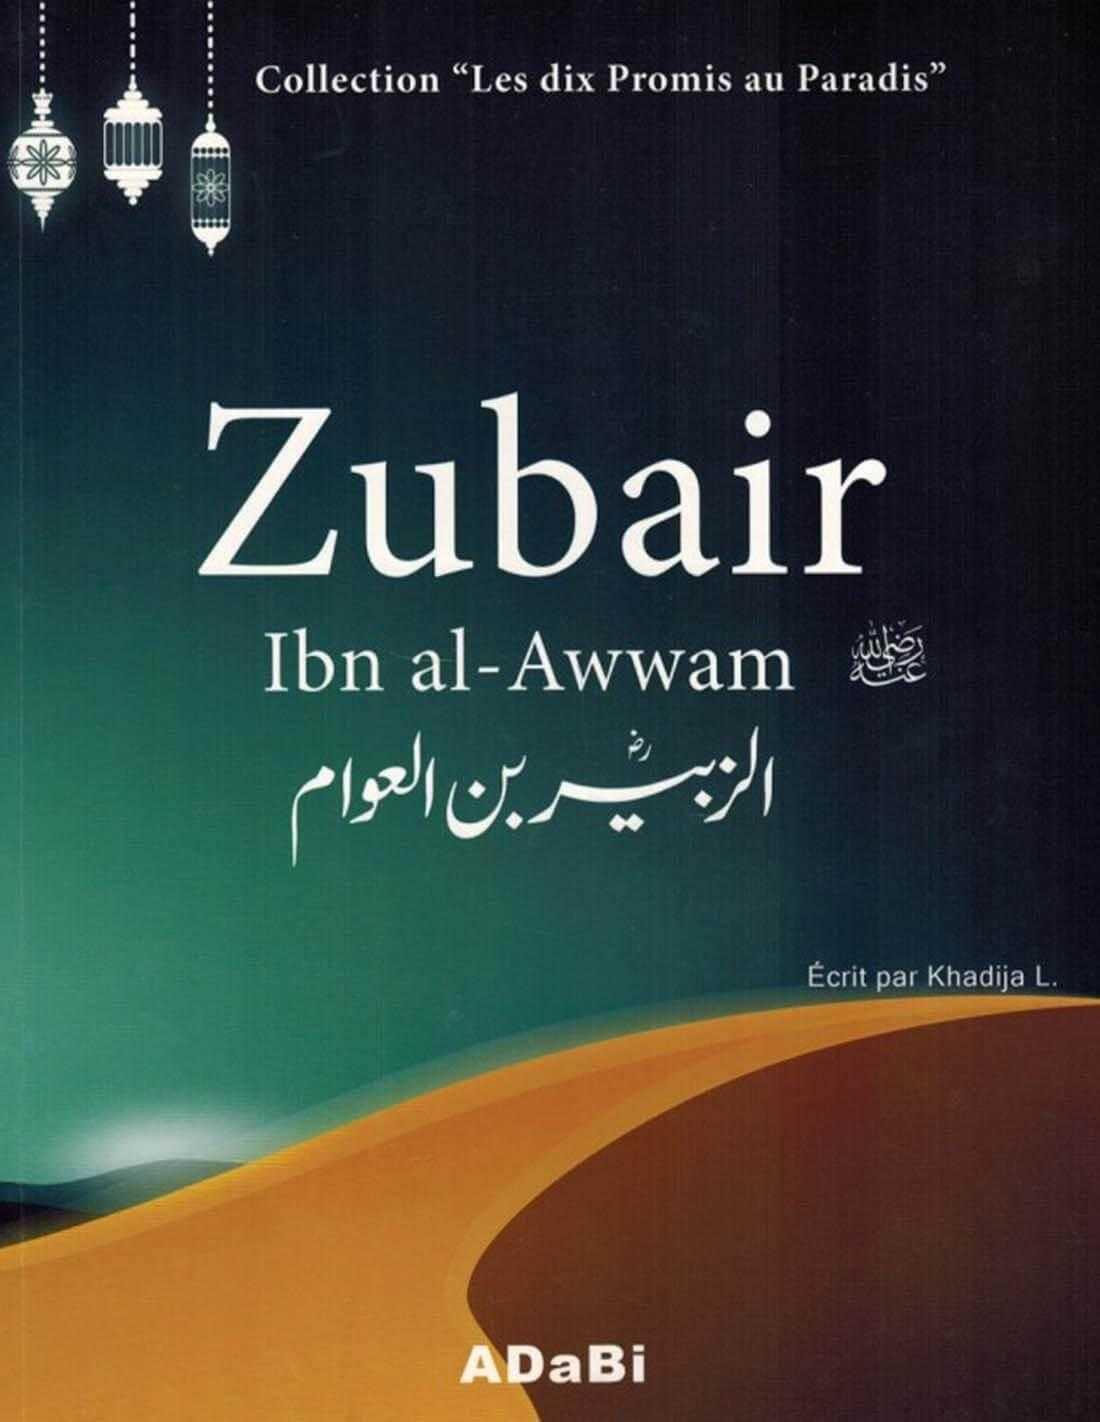 Zubair Ibn al-Awwam, Collection Les dix promis au Paradis